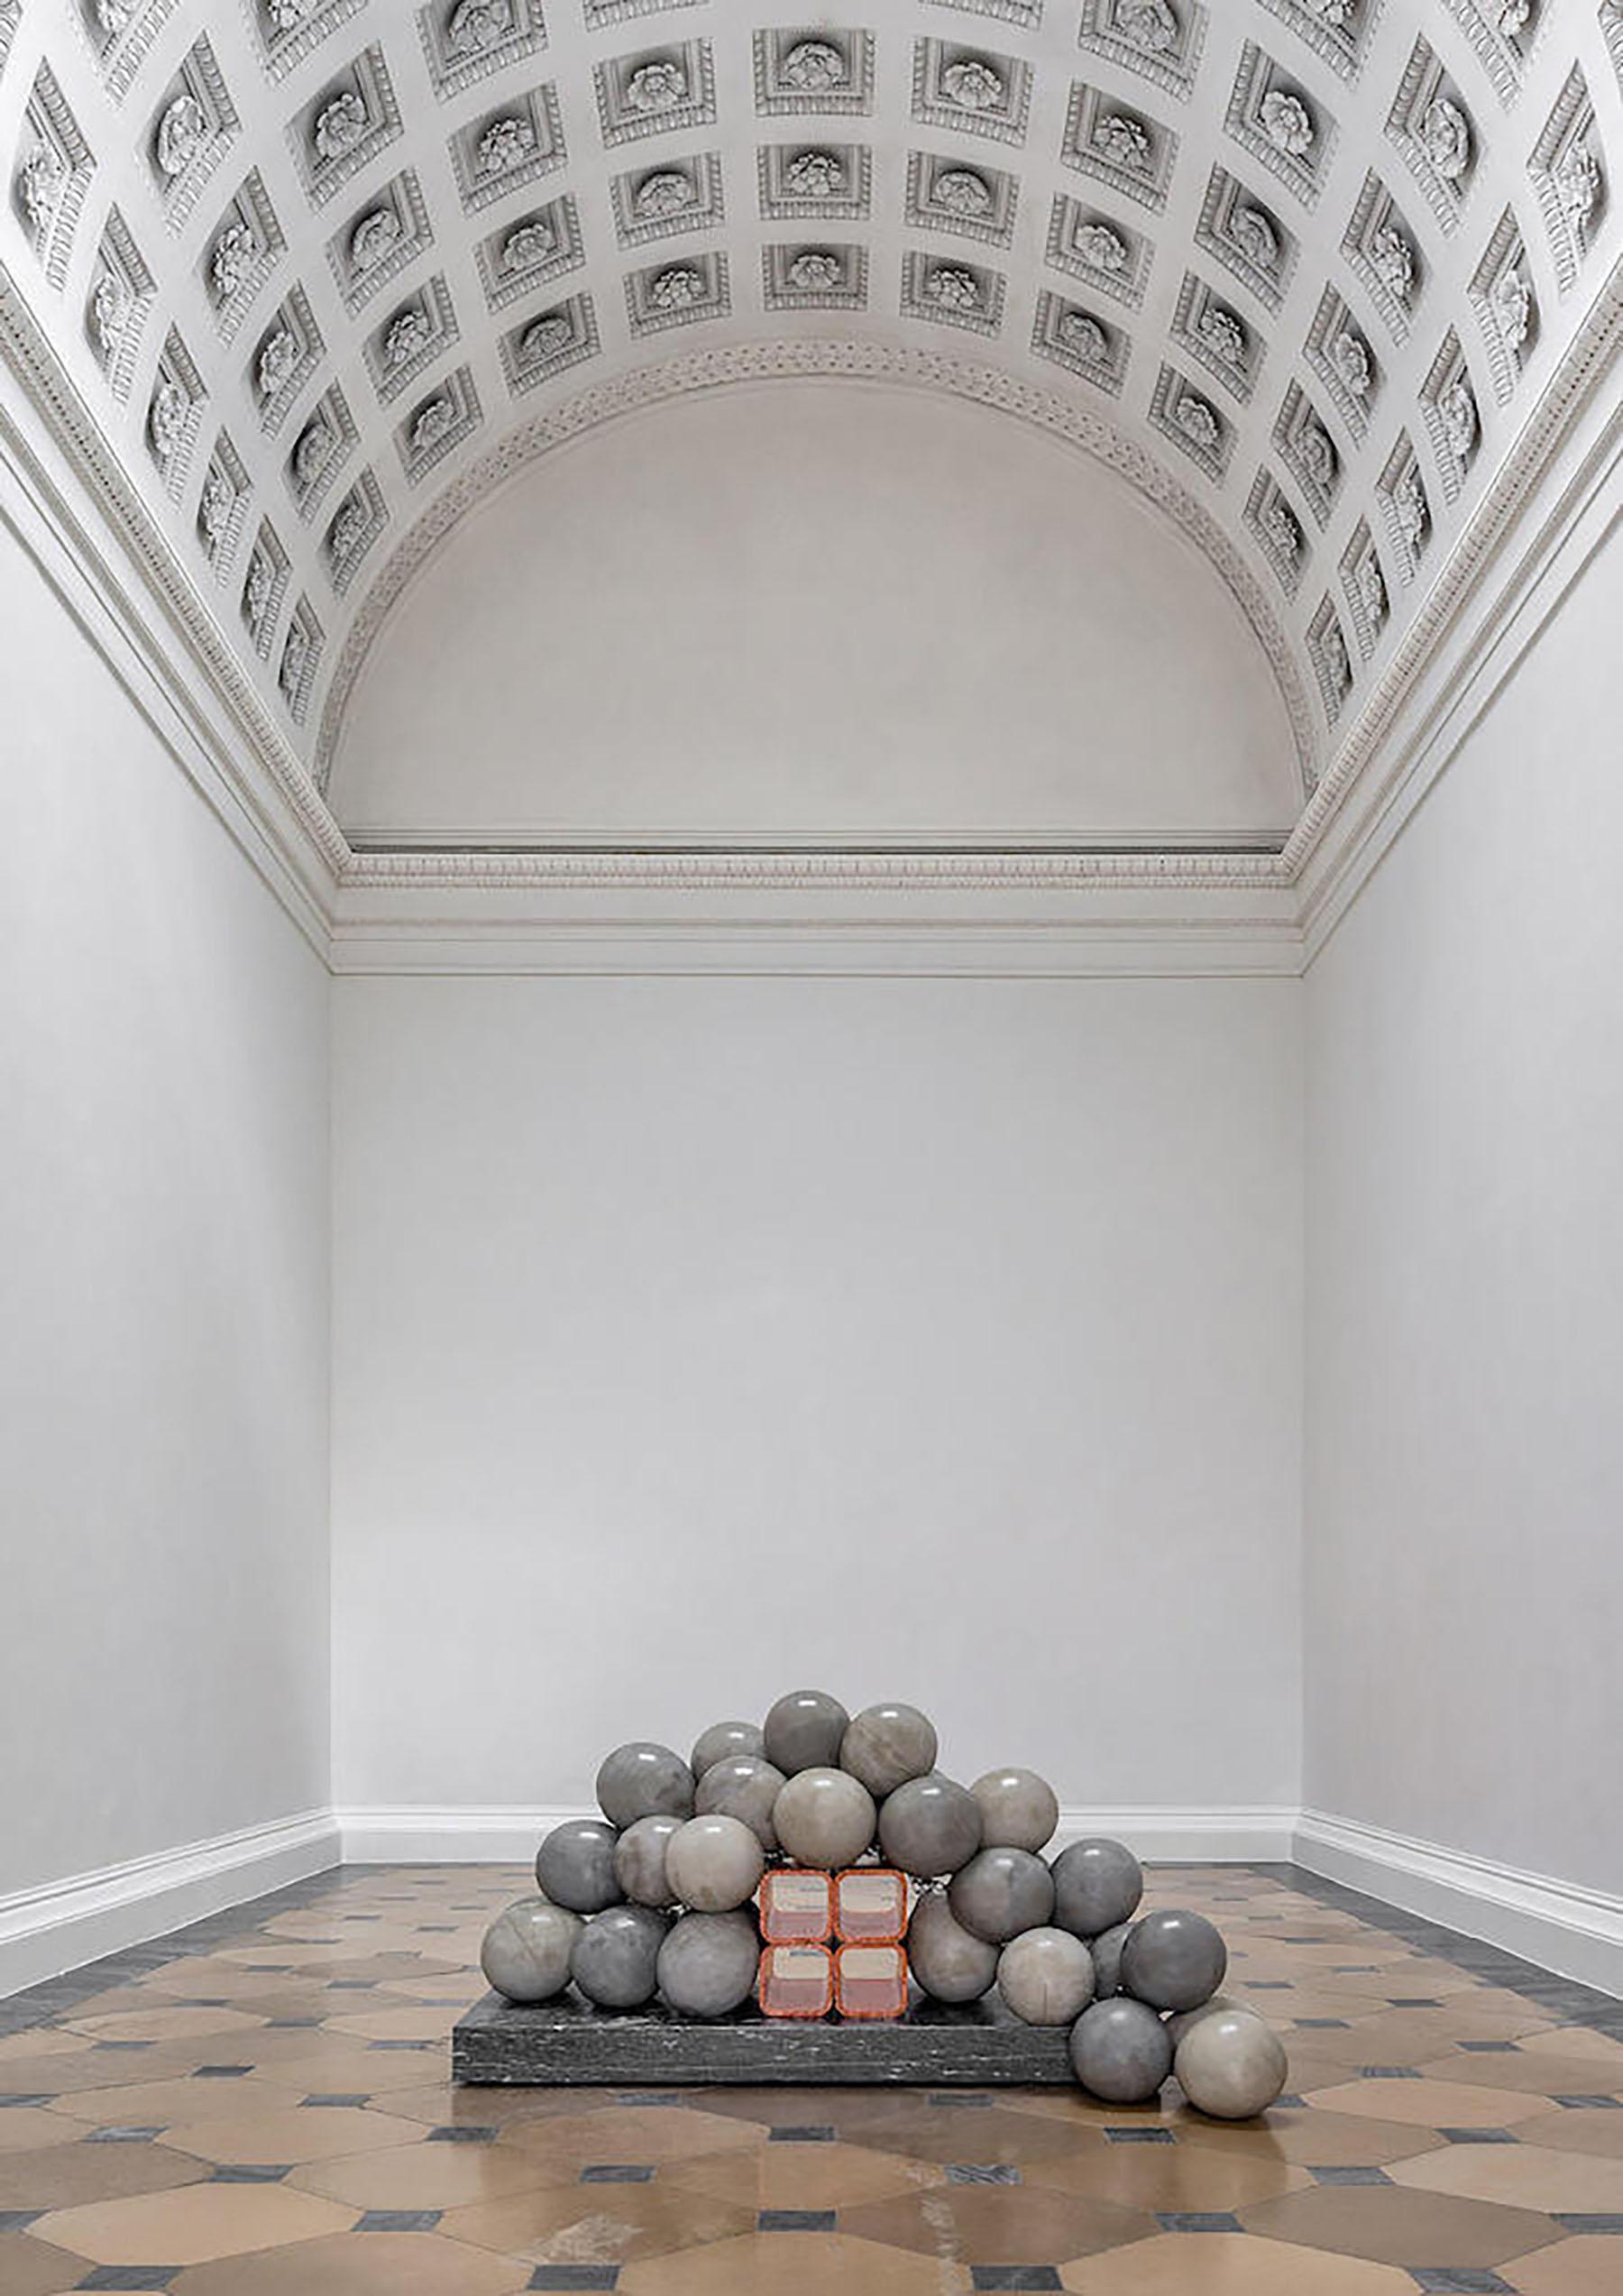 iGNANT-Art-Kathleen-Ryan-Sculpture-04